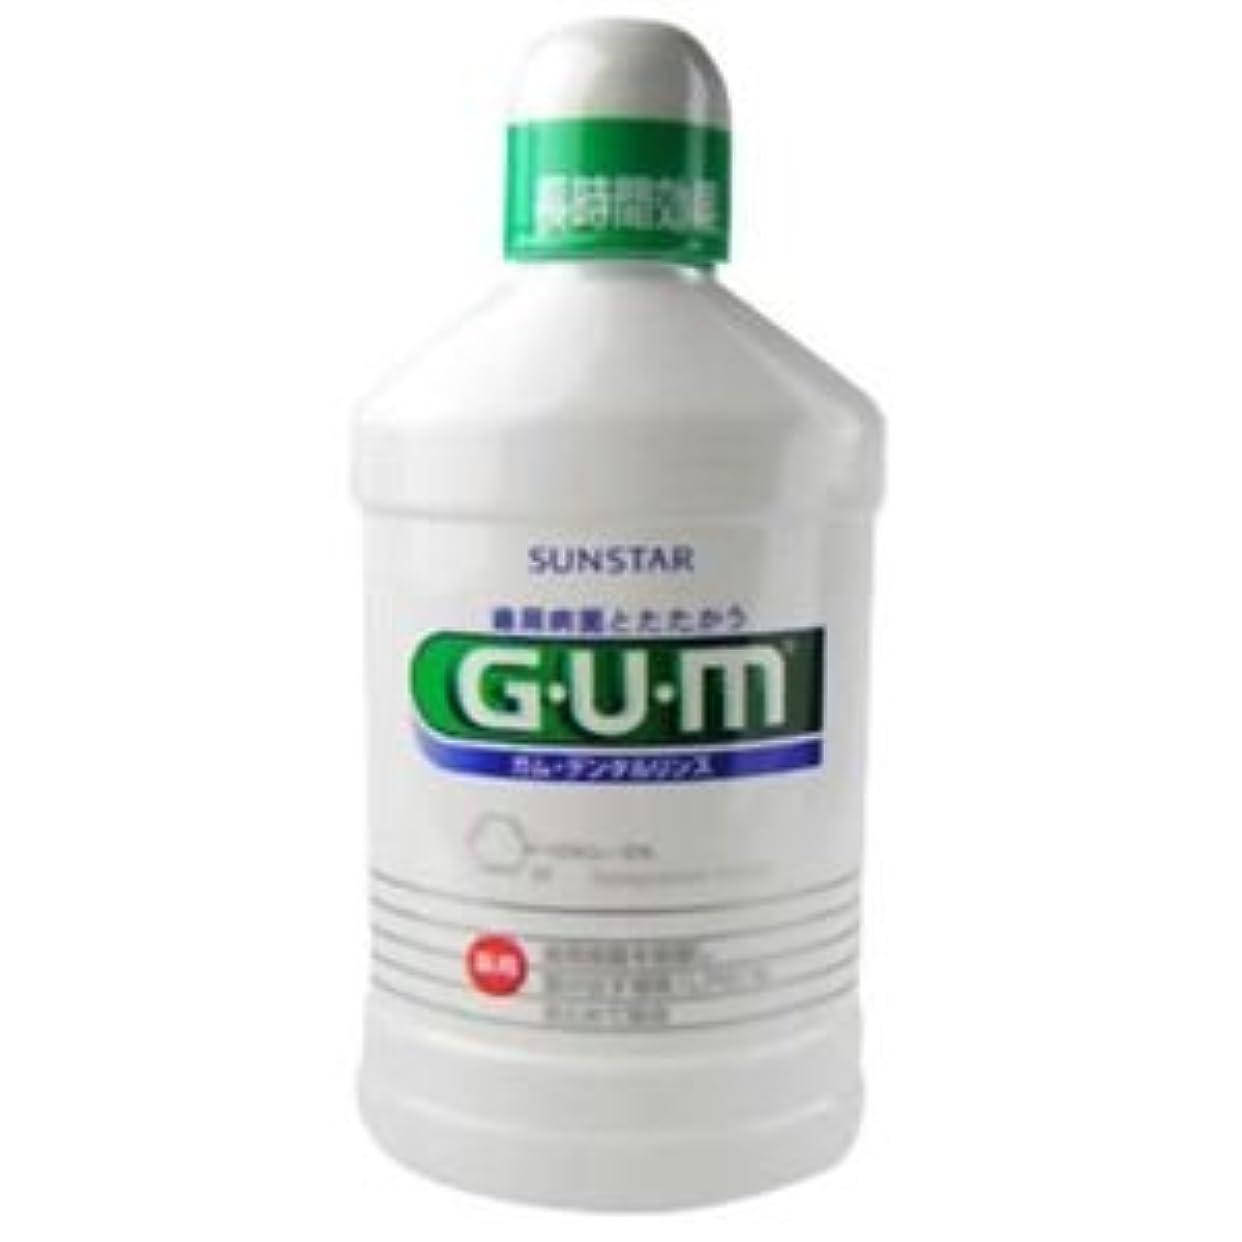 分配します常に寄付するGUM(ガム) 薬用 デンタルリンス レギュラータイプ 500ml 7セット